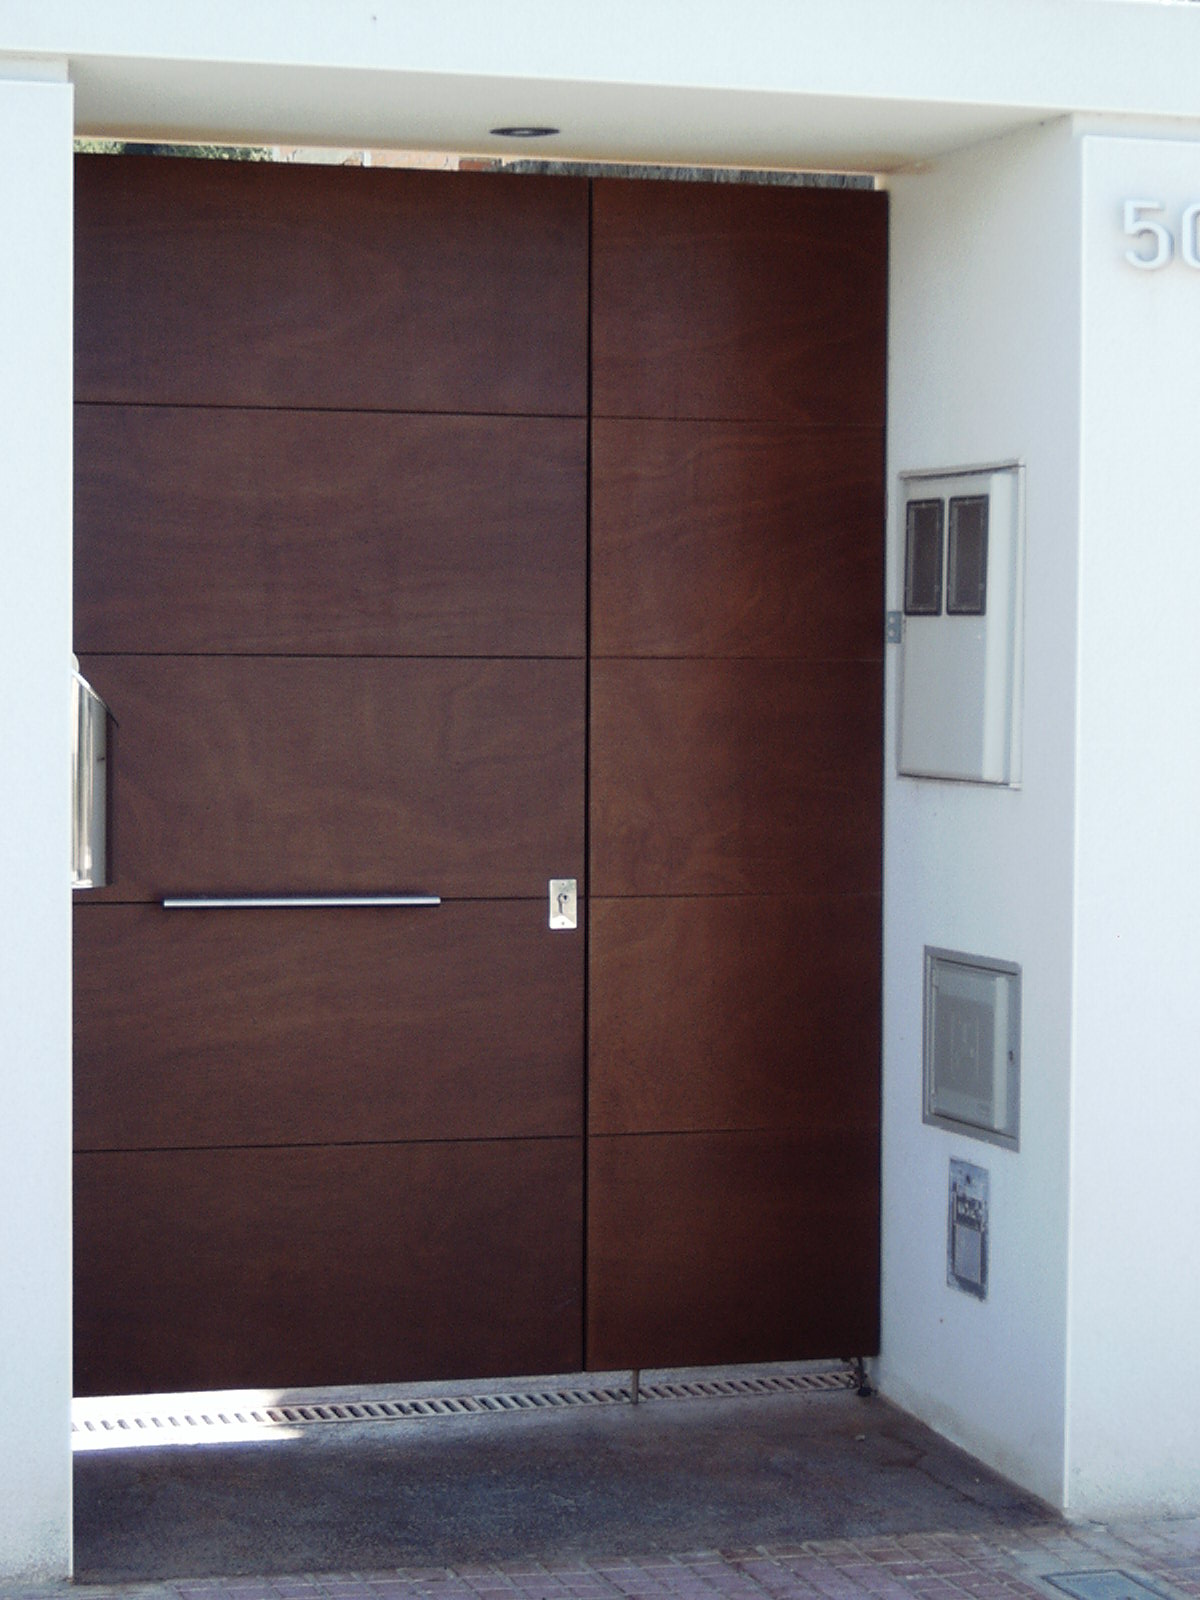 Acero corten oxidado grupo inoxmetal construcciones for Puertas de chapa para exterior